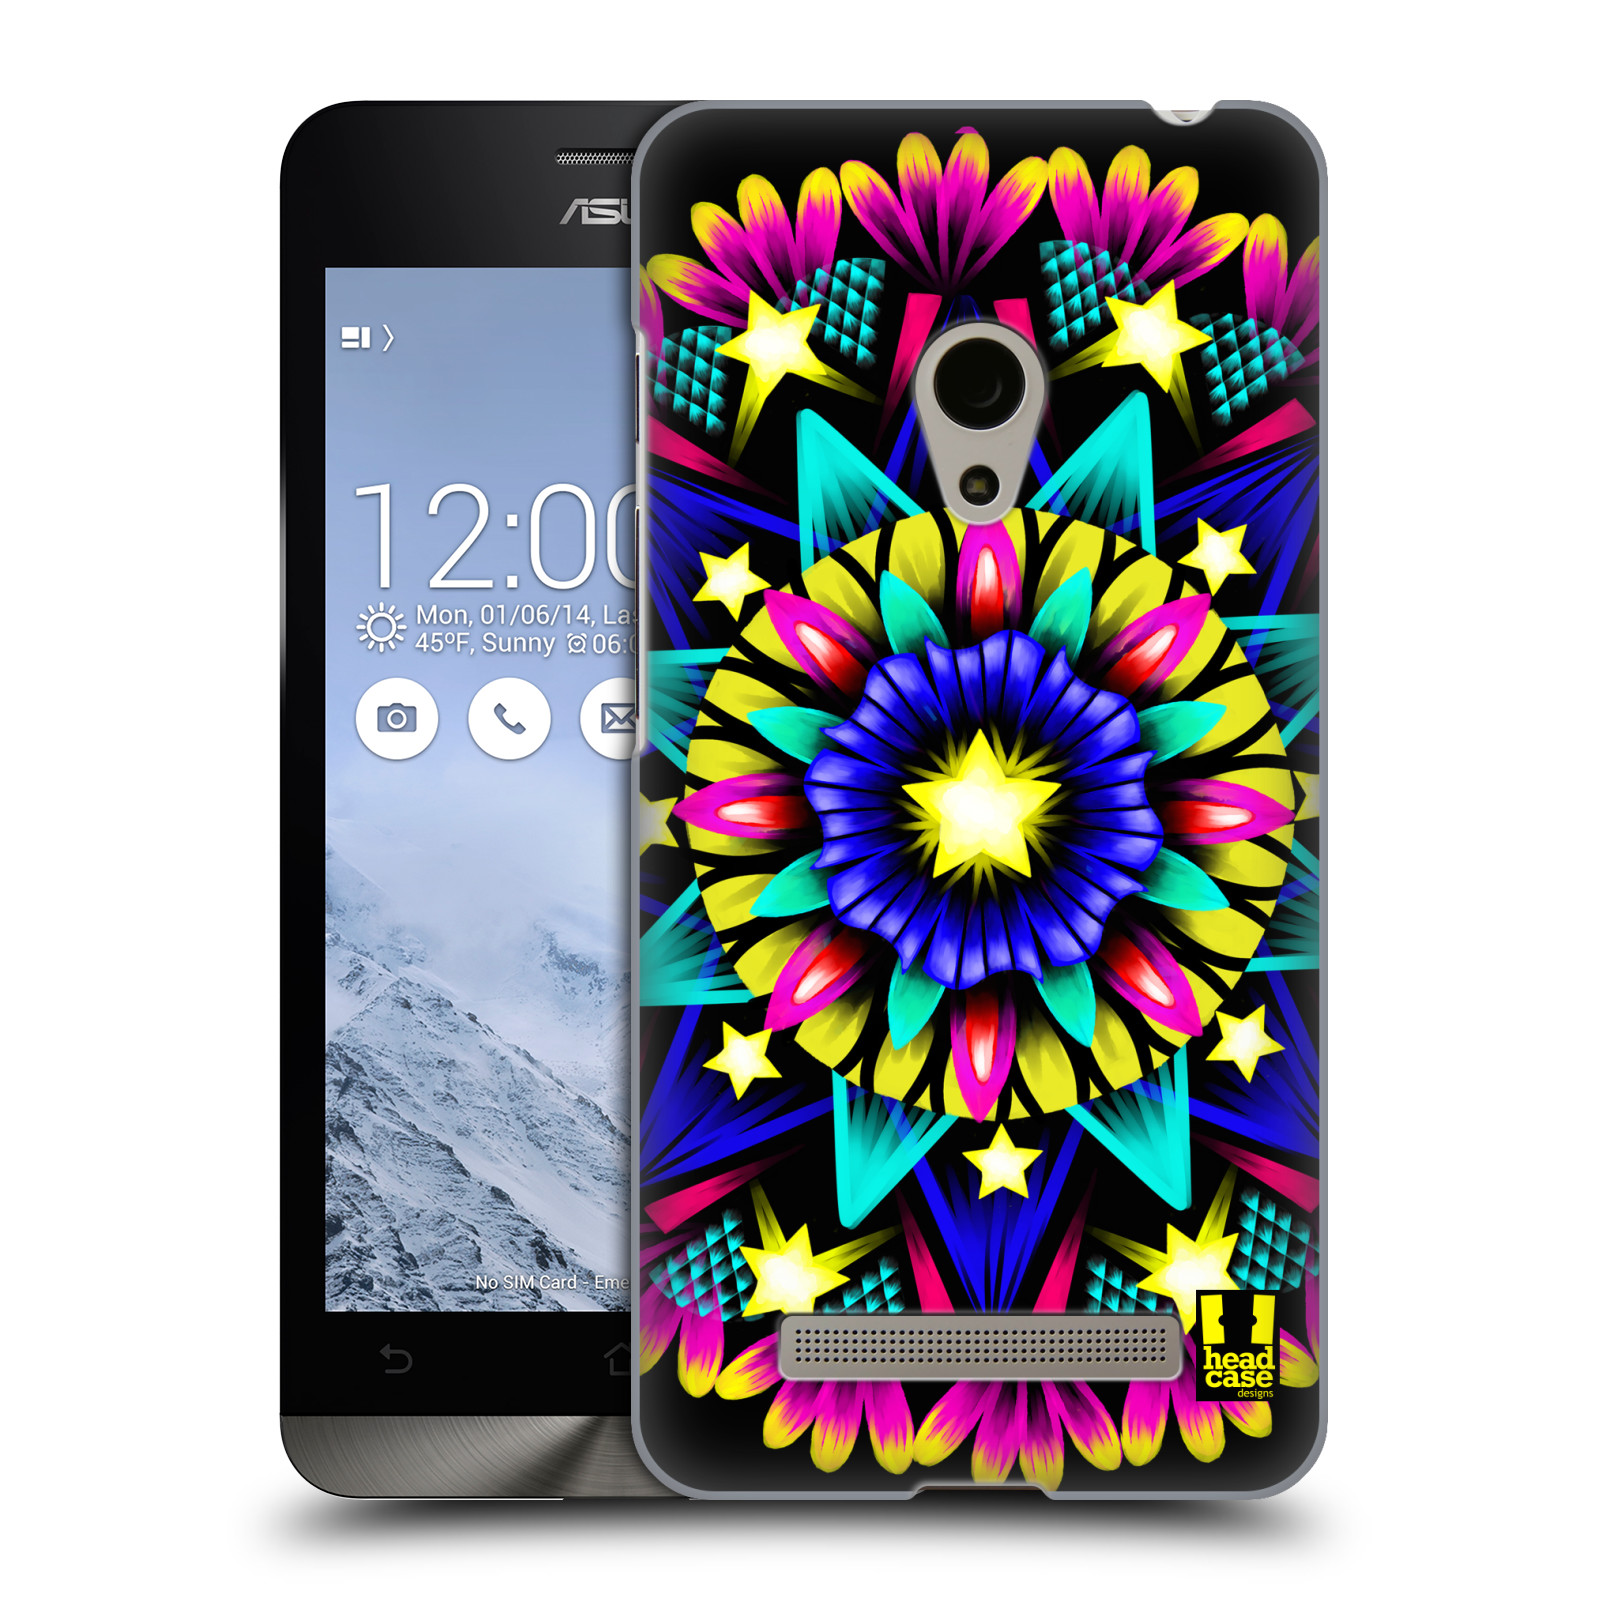 HEAD CASE plastový obal na mobil Asus Zenfone 5 vzor Indie Mandala kaleidoskop barevný vzor HVĚZDA